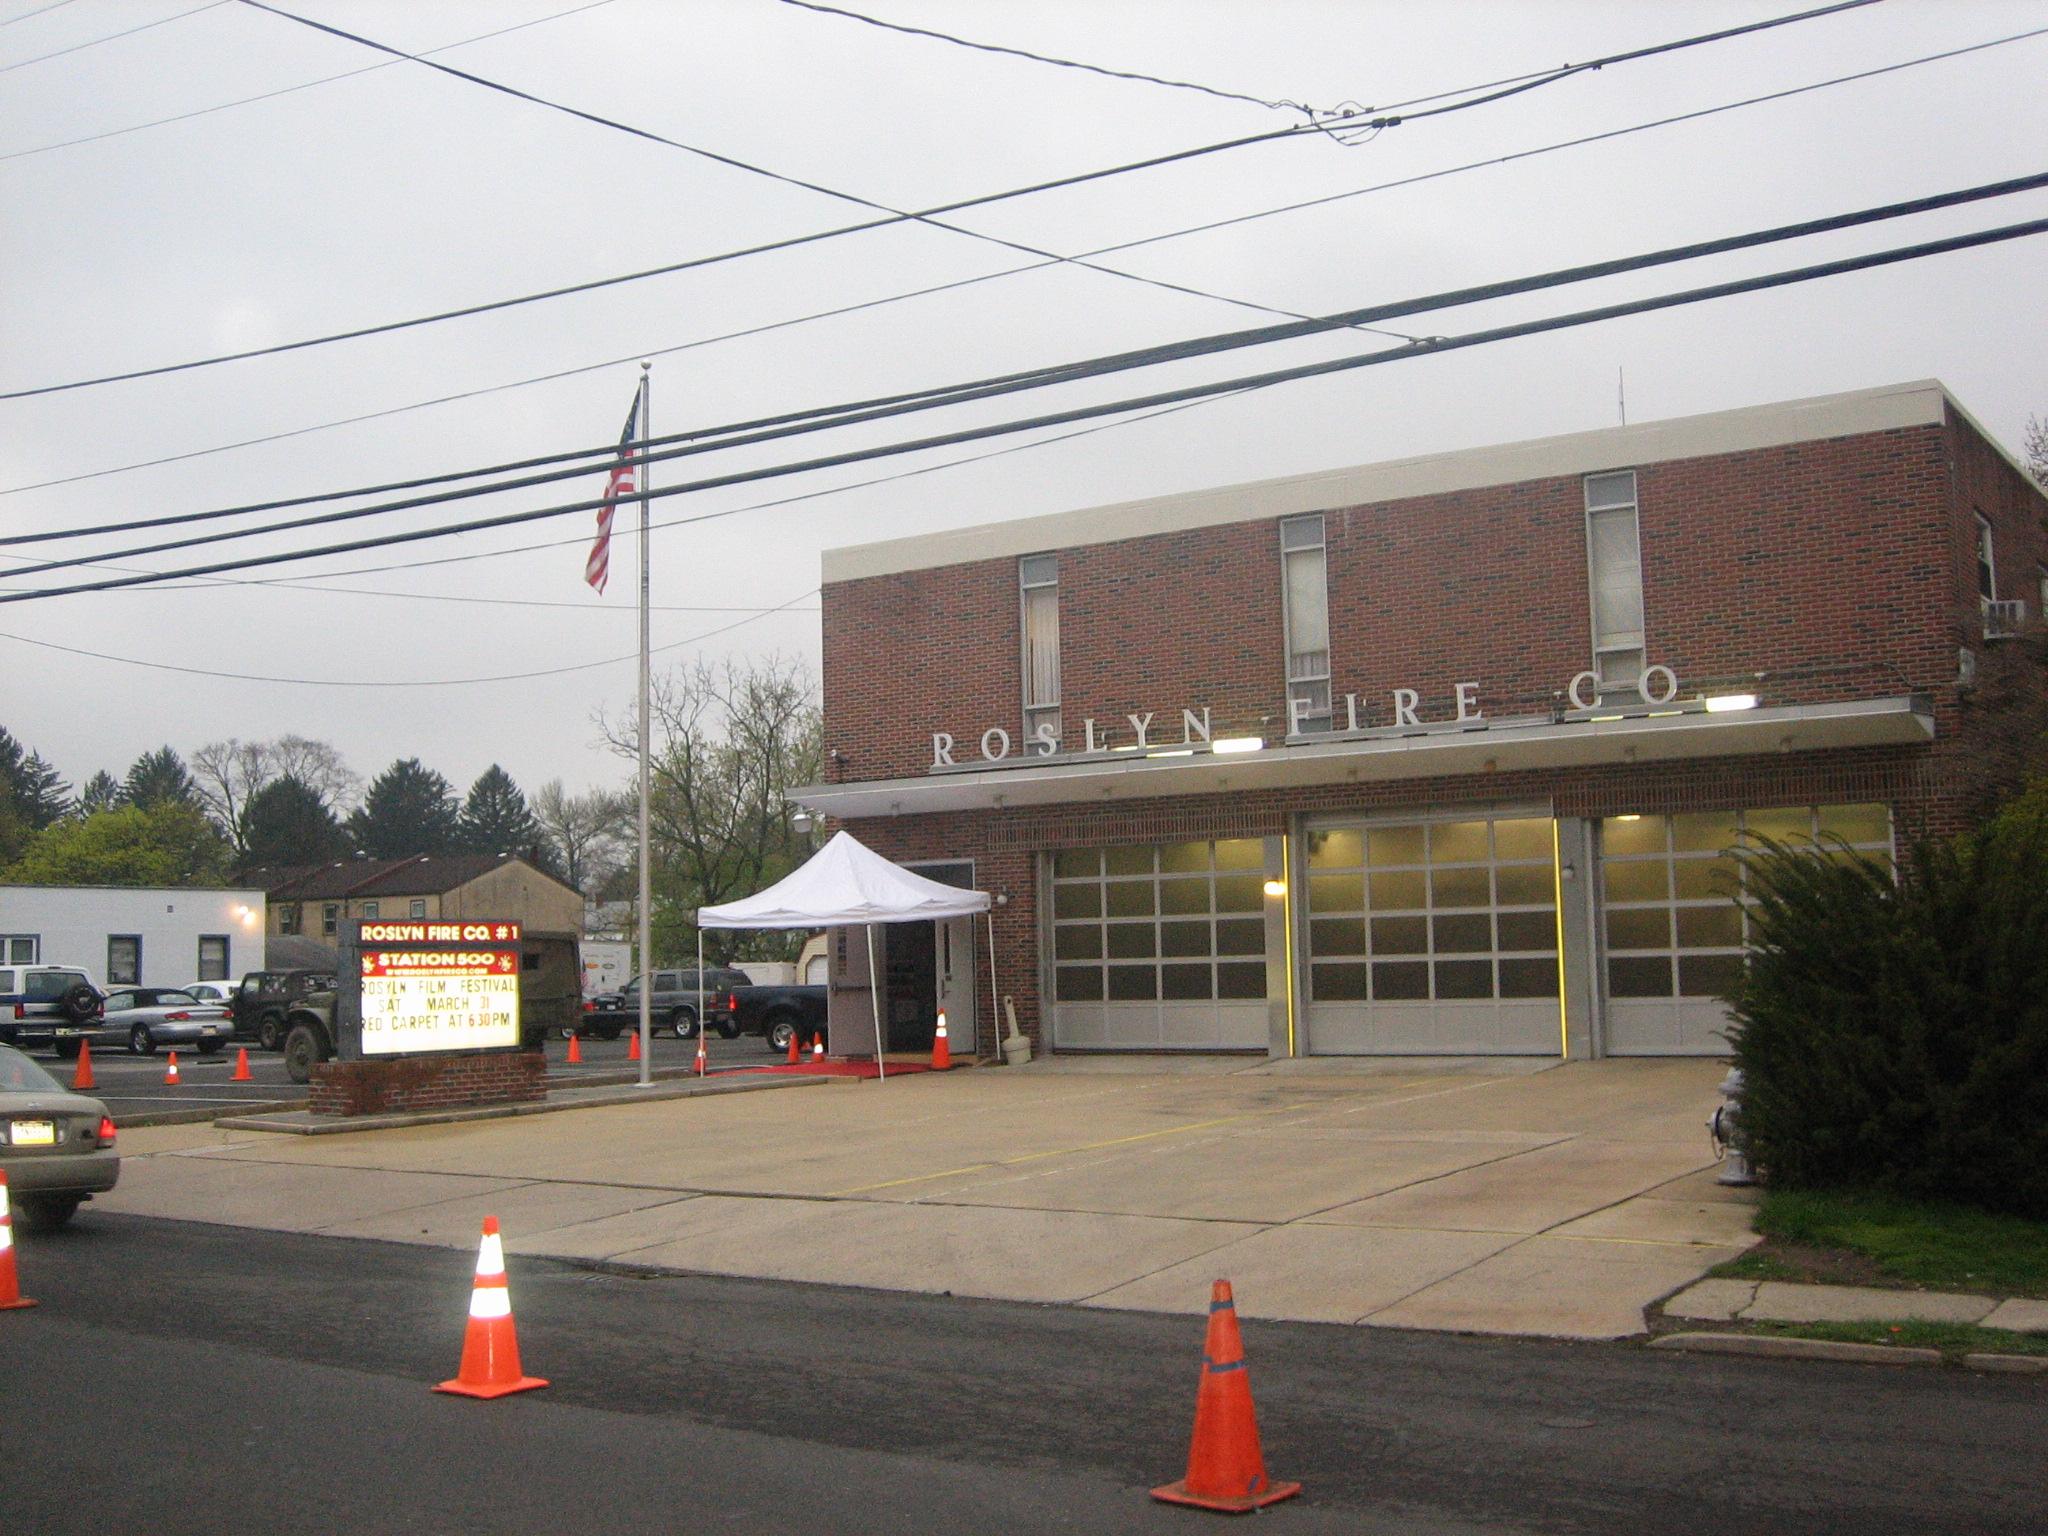 Roslyn Fire Company